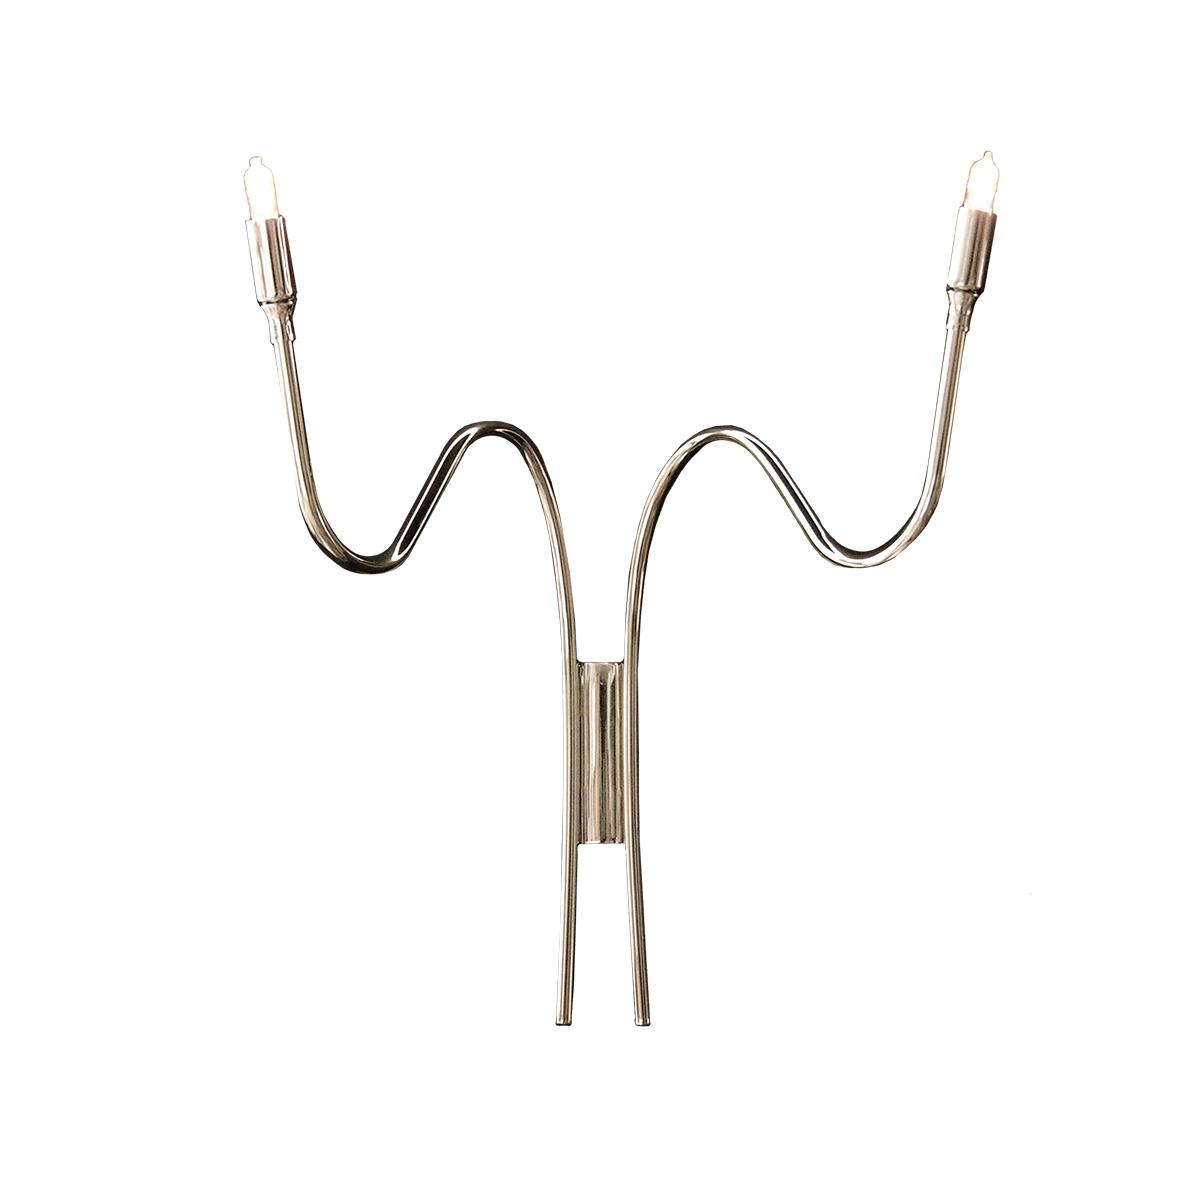 Μοντέρνα δίφωτη απλίκα VOLCANO modern 2-bulb wall lamp